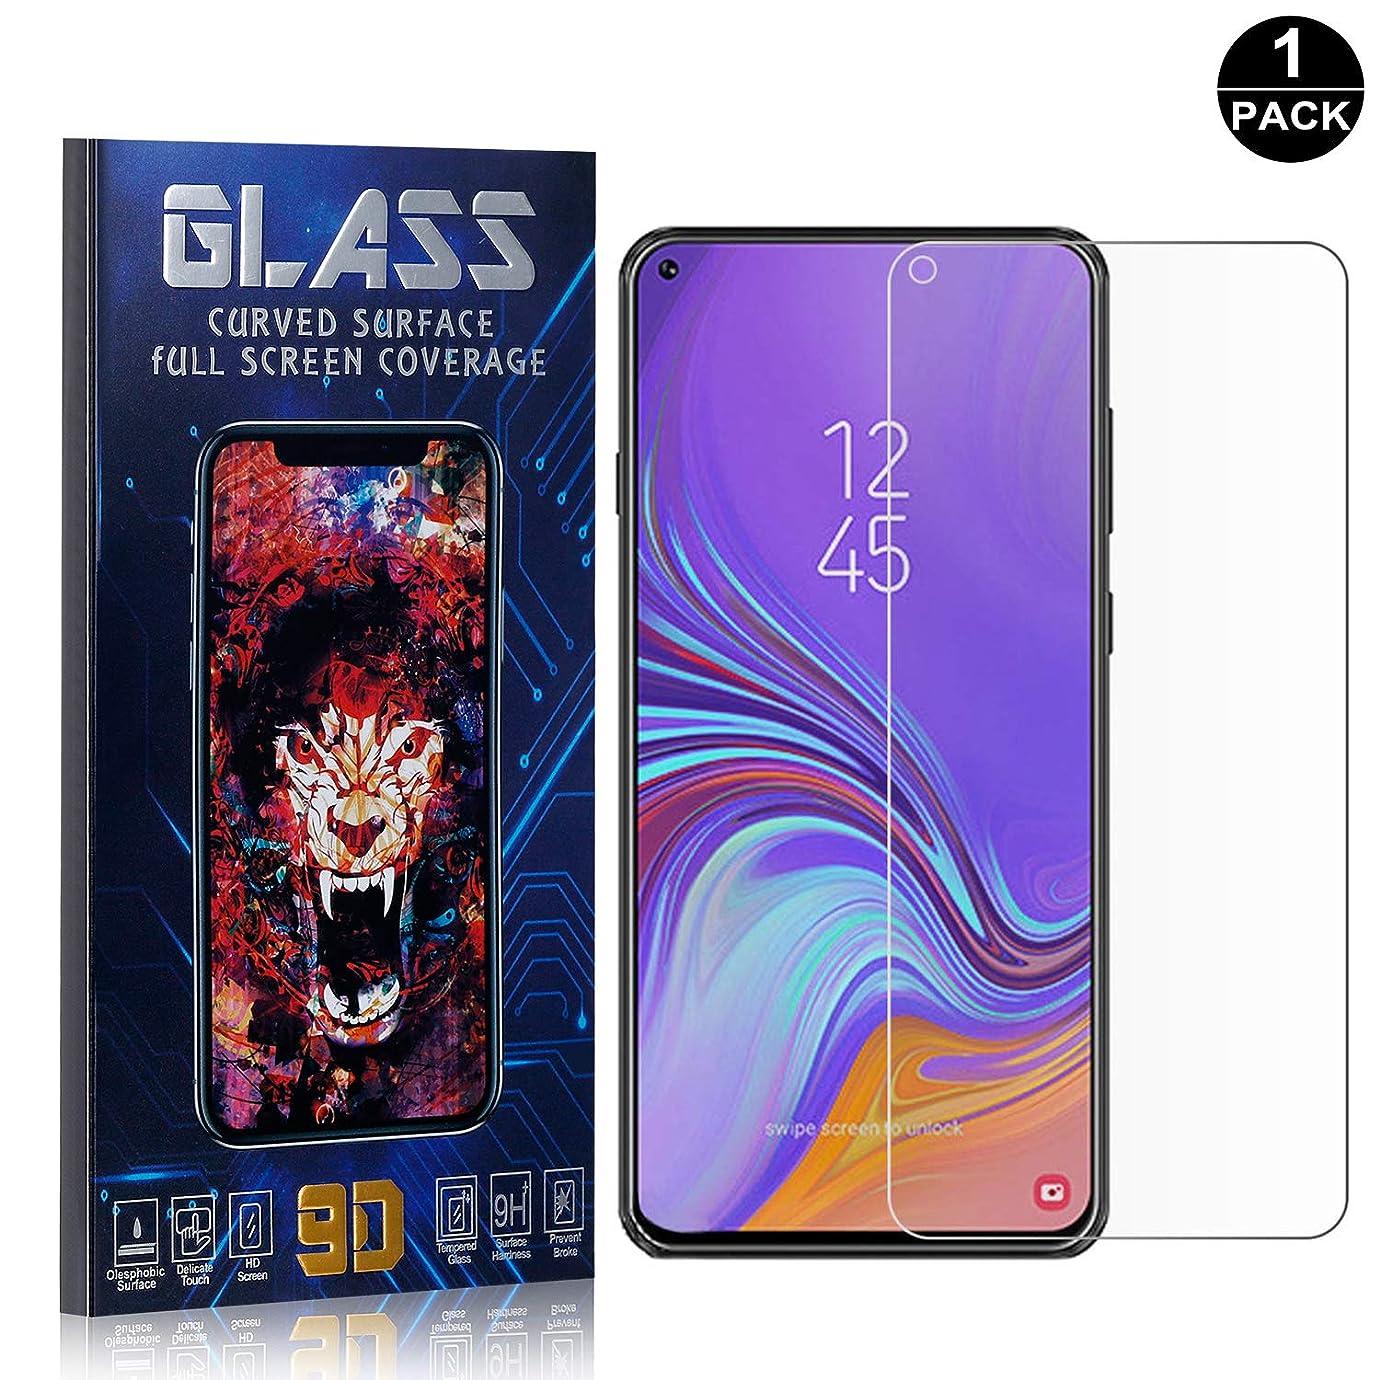 助言する回路クリークGalaxy A8S ガラスフィルム, Zeebox 防指紋 液晶強化ガラス, 超薄 高透過率 キズ防止 液晶保護フィルム Galaxy A8S 対応, 1枚入